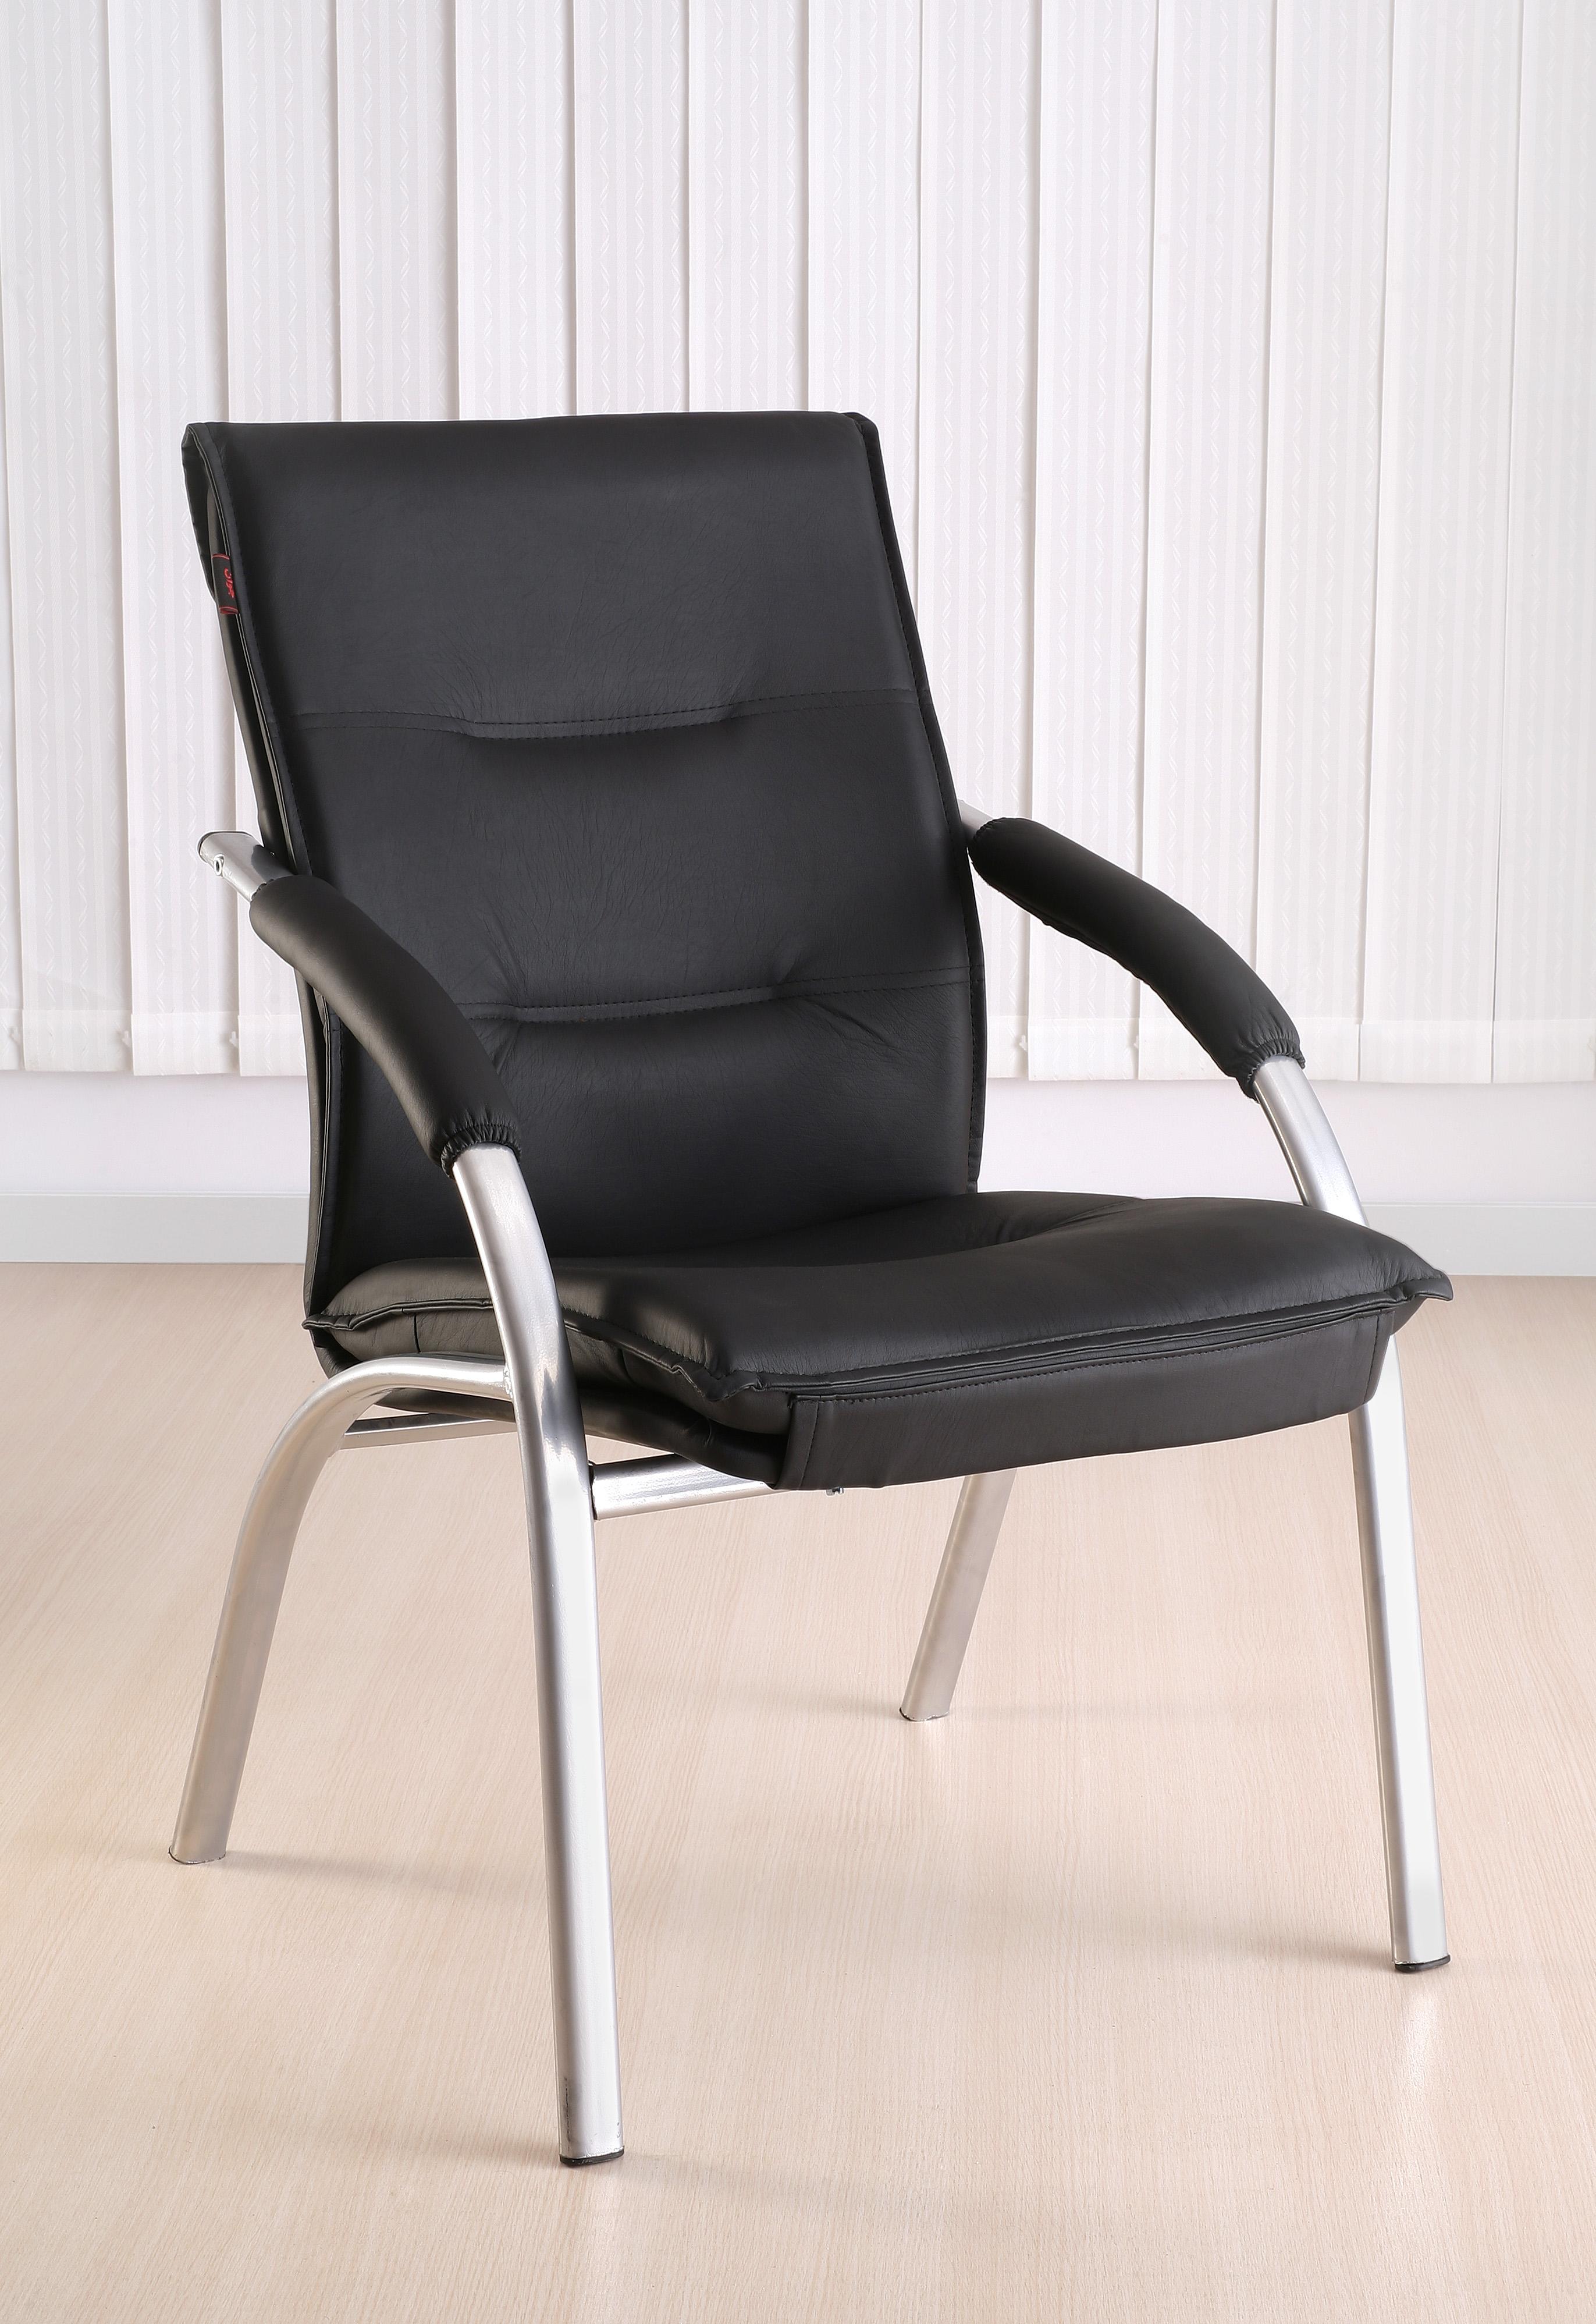 صندلی اداری مبلی جوان J605